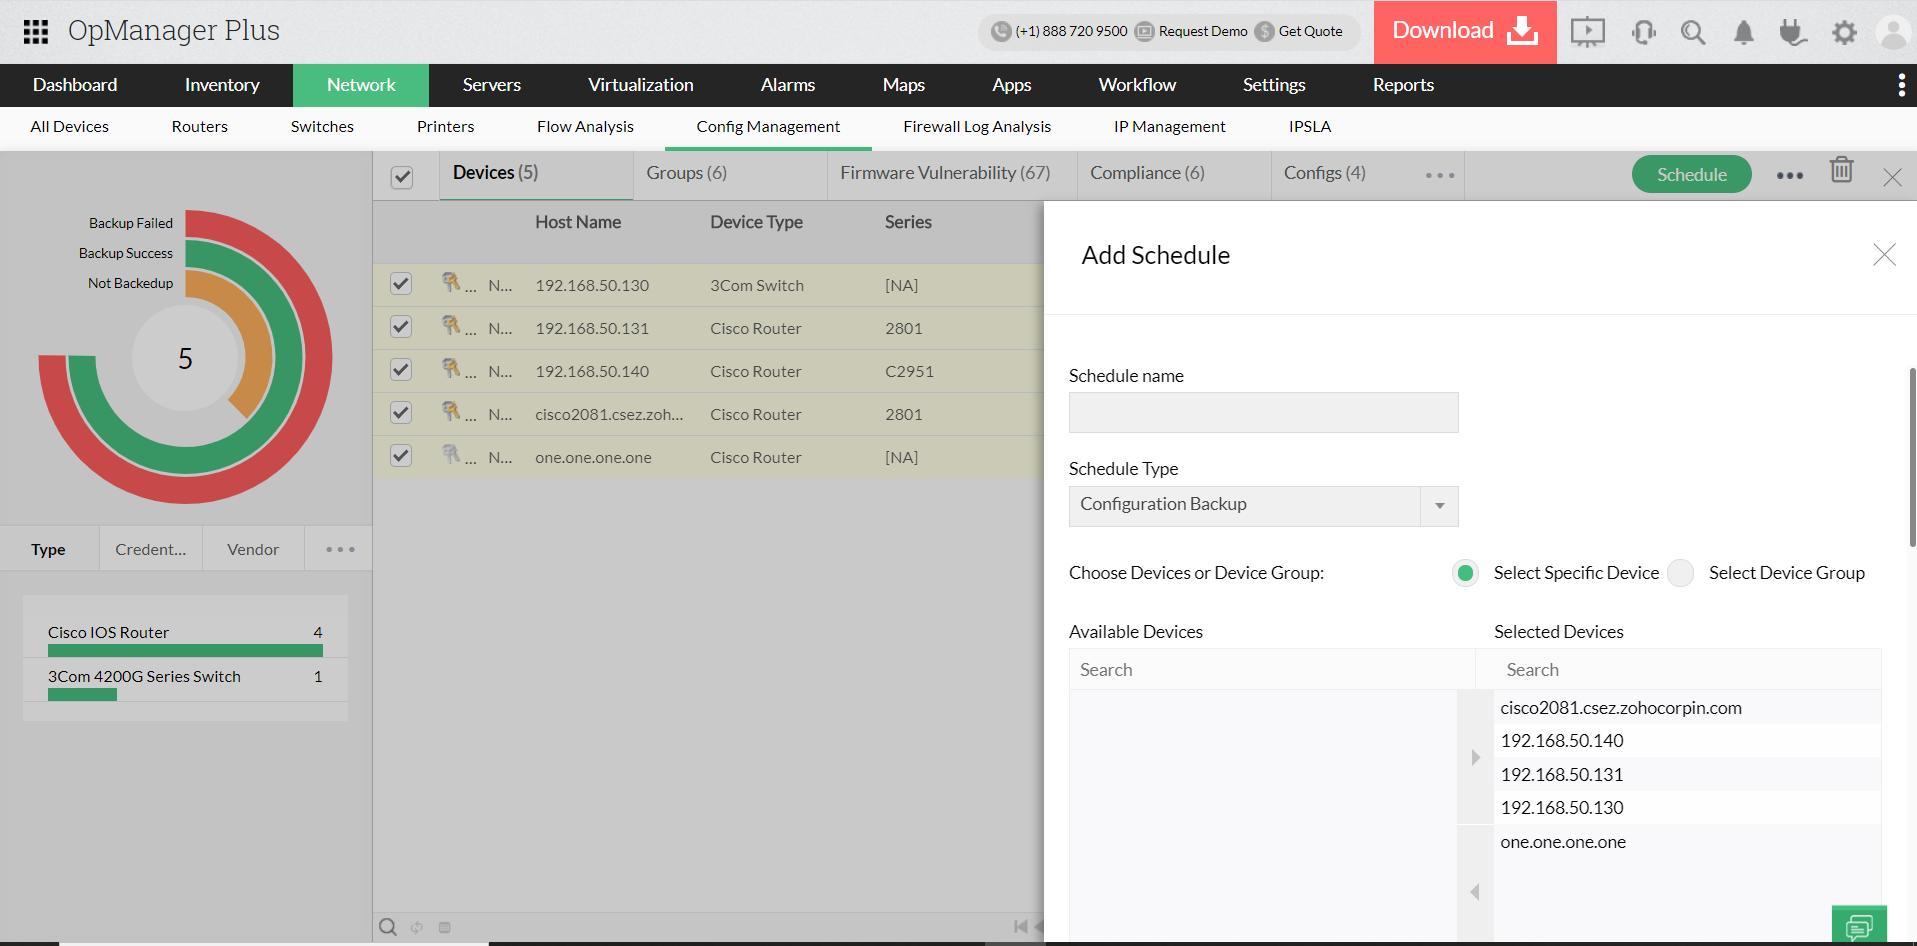 Planification et automatisation de la sauvegarde de la configuration - ManageEngine OpManager Plus